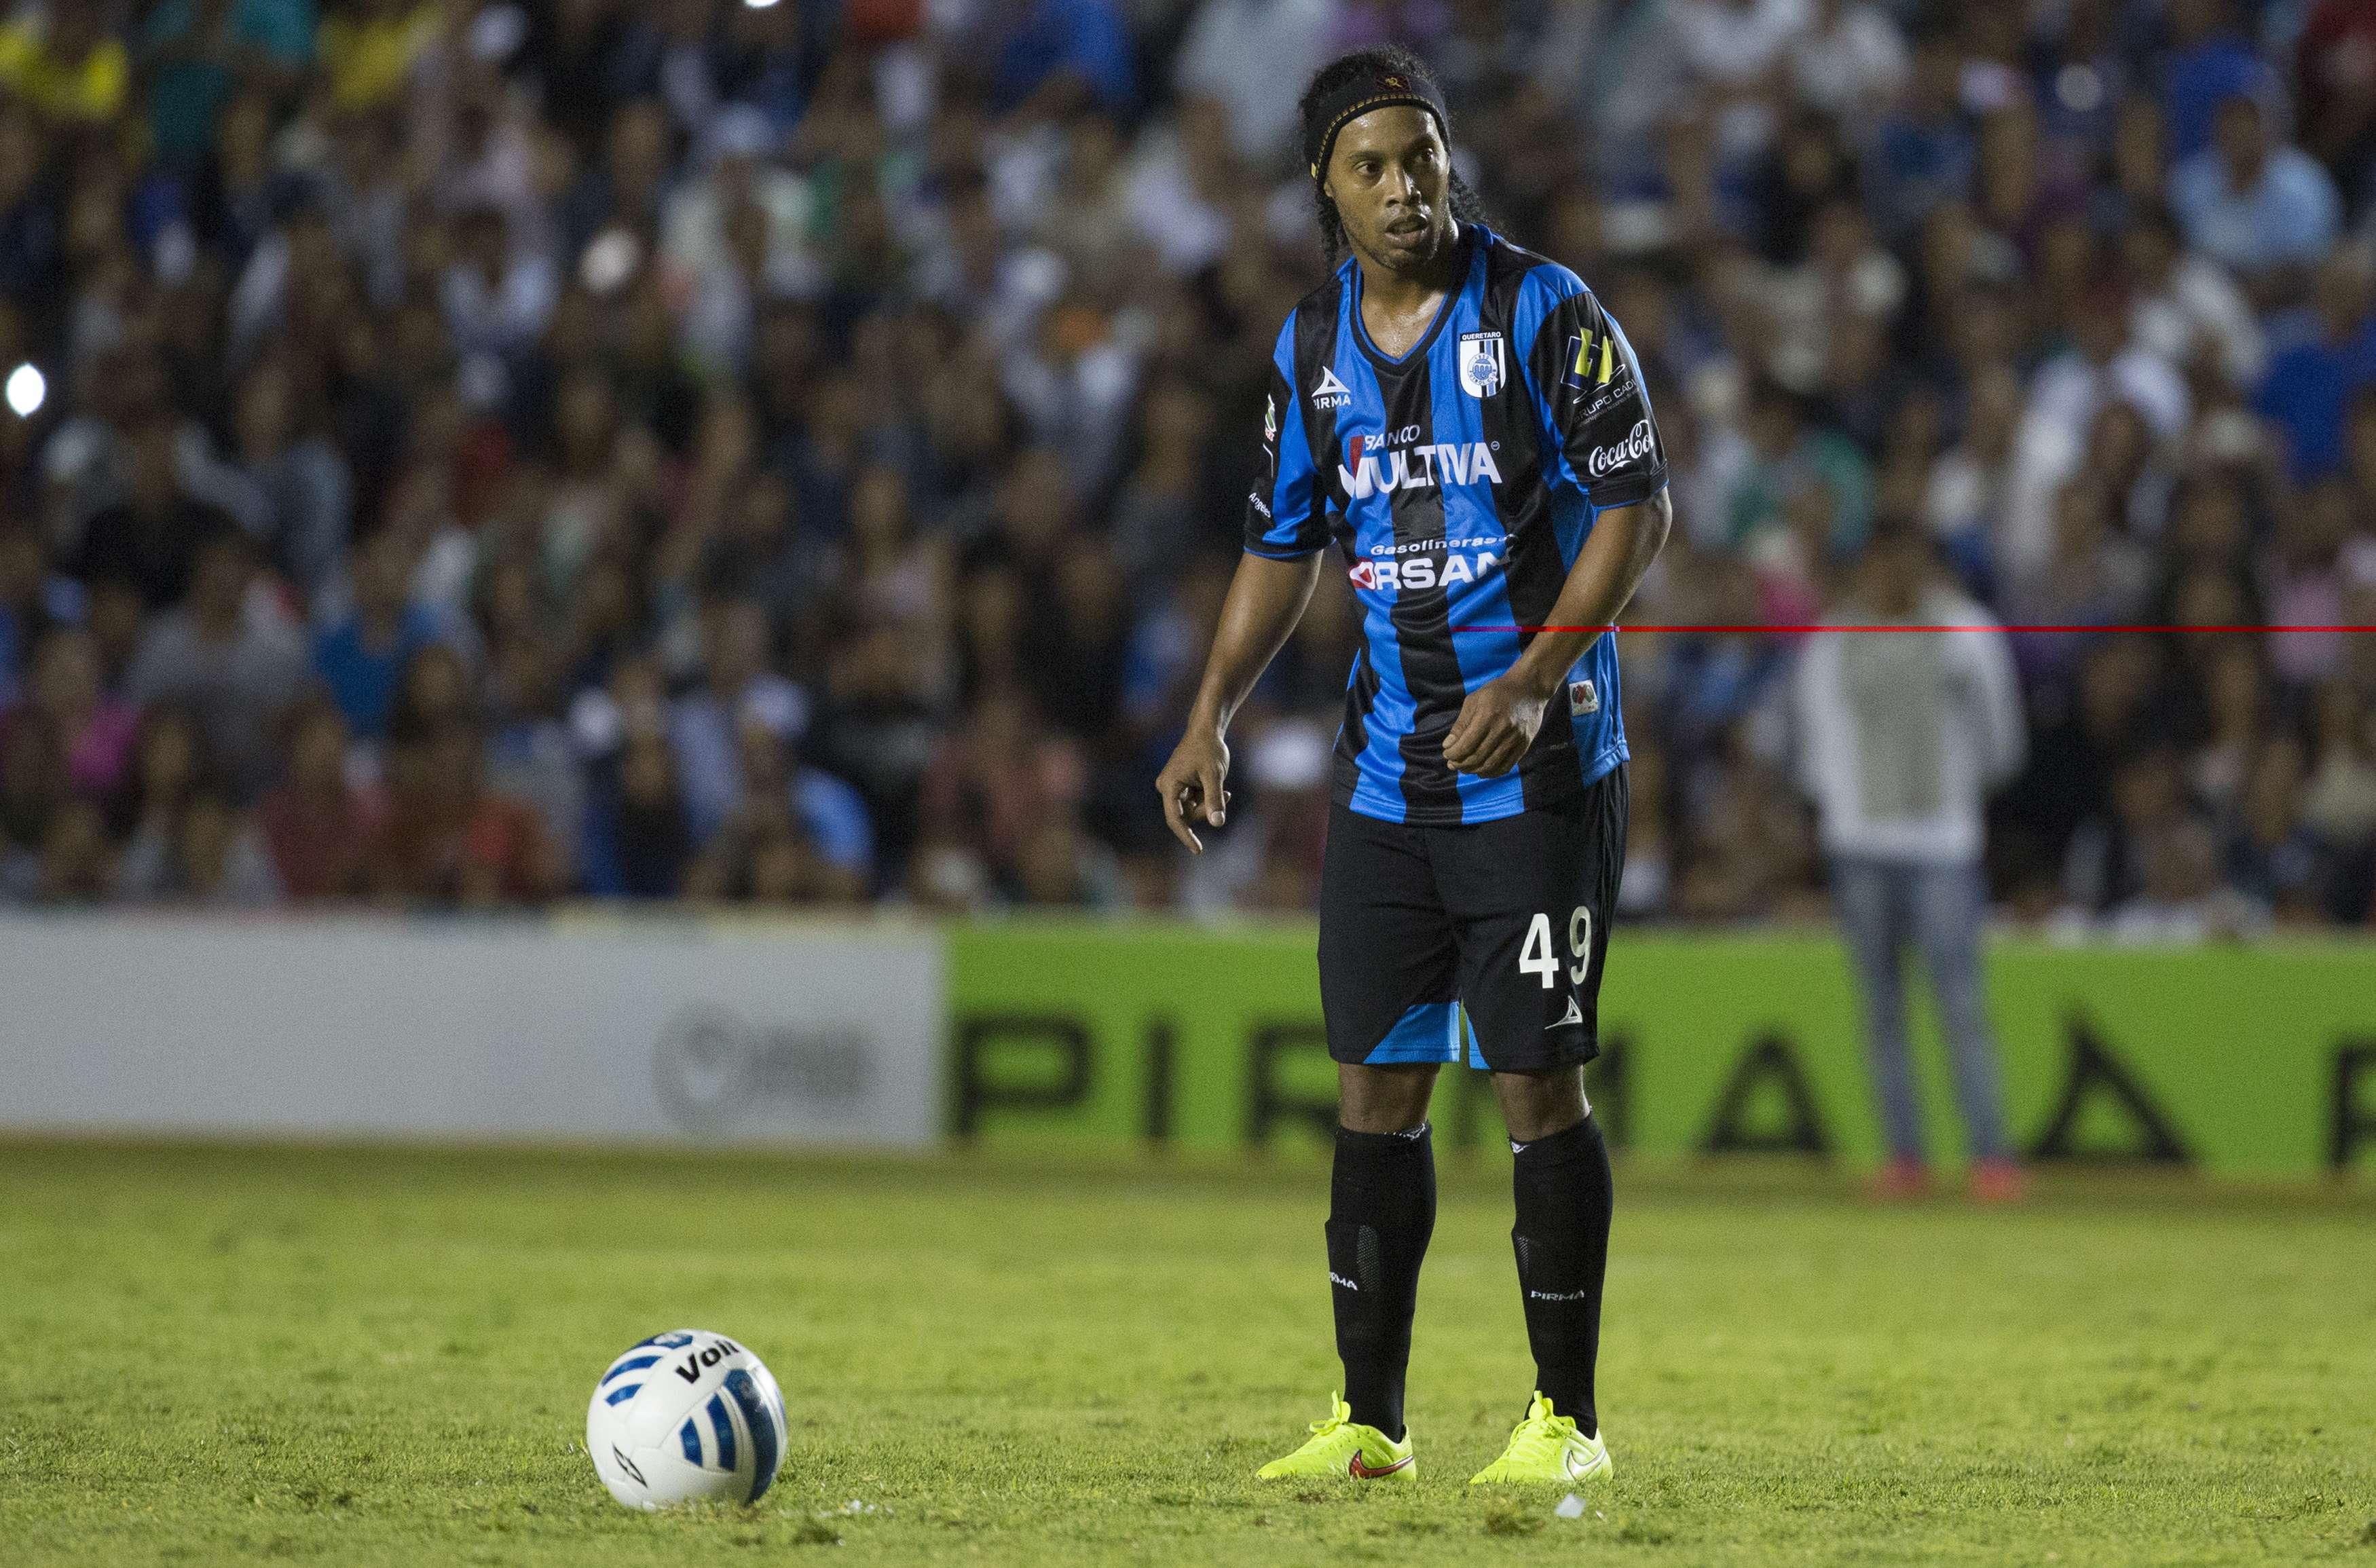 Ronaldinho debutaría en Liga el domingo ante las Chivas. Foto: Mexsport